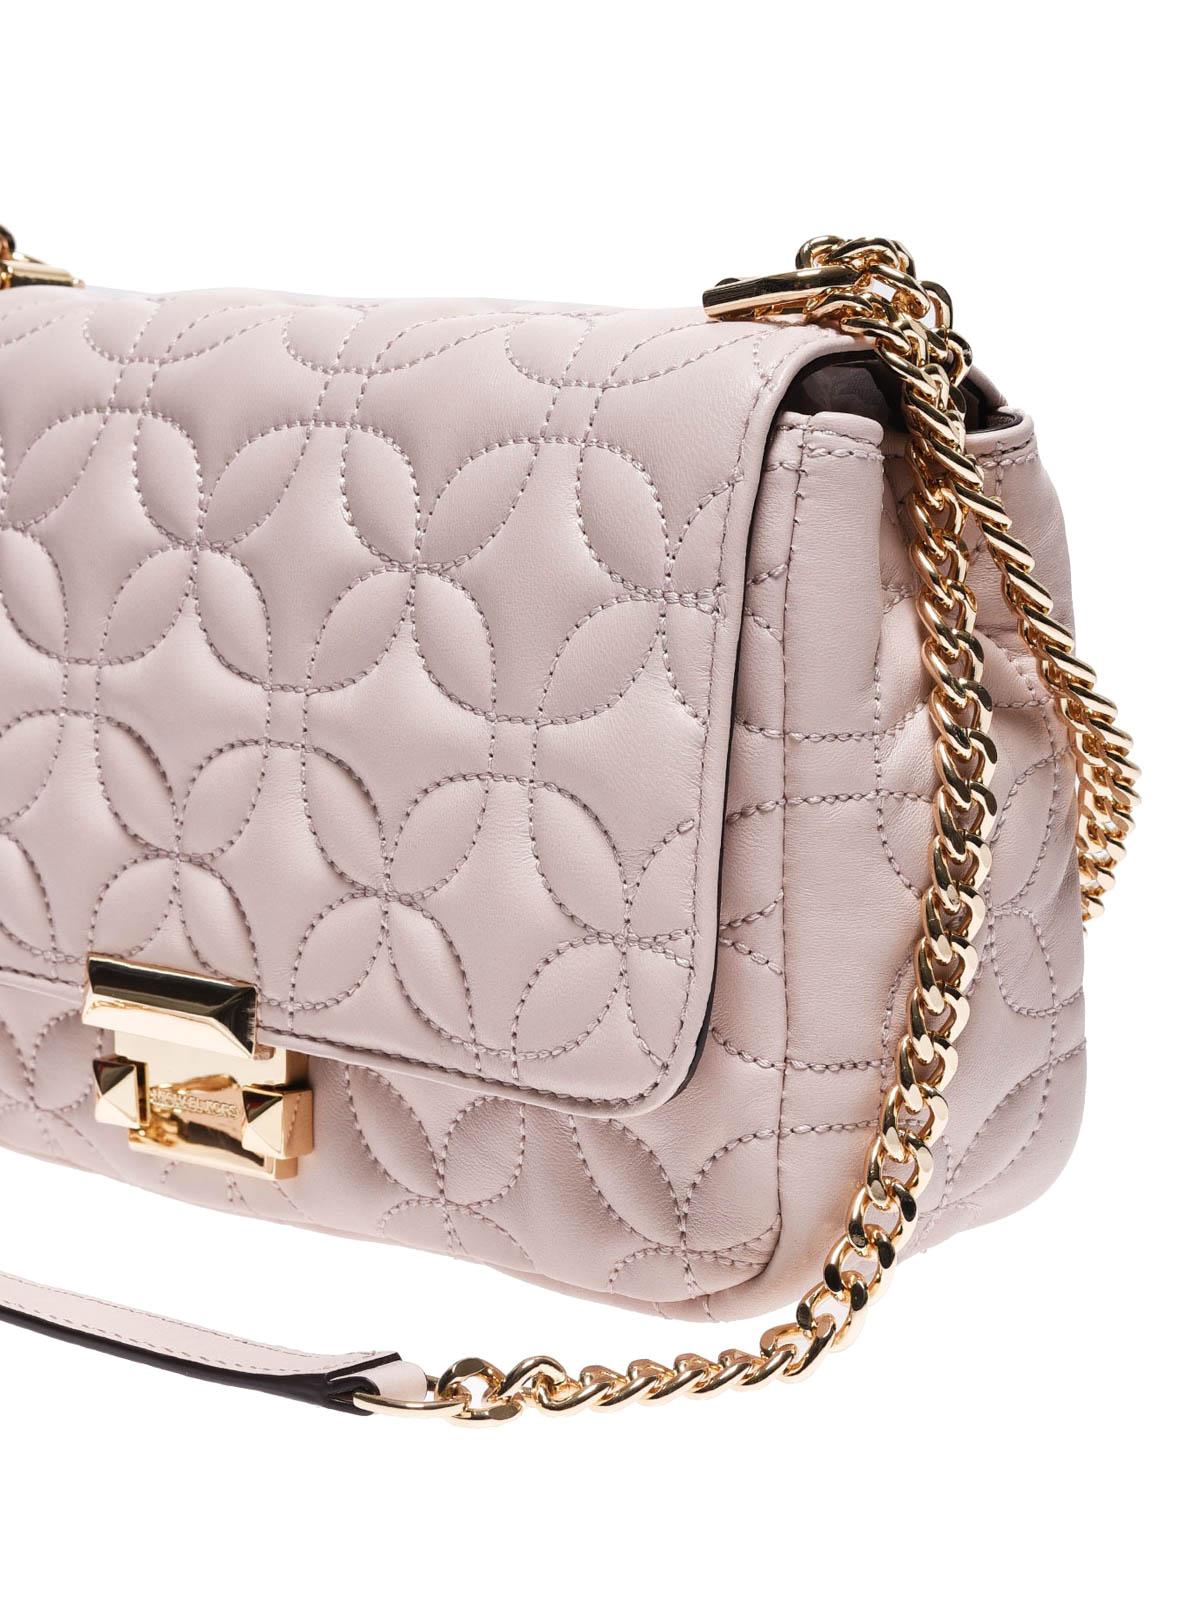 6b4c4119ef51 Michael Kors - Sloan large pink quilted shoulder bag - shoulder bags ...